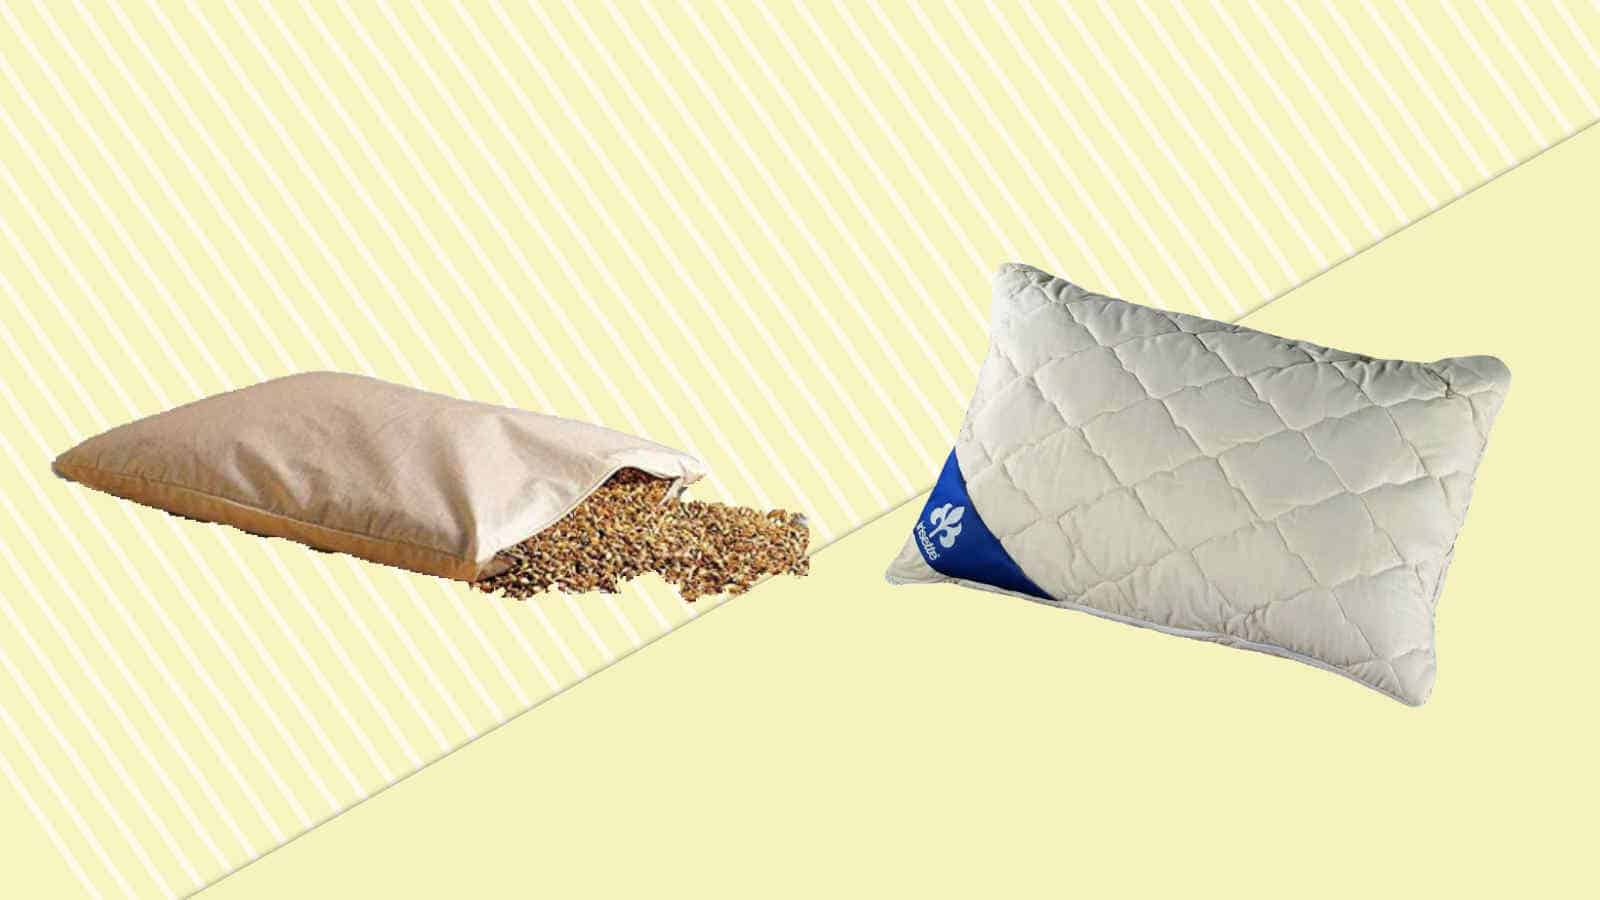 Dinkelkissen- Die 5 besten Kissen mit Dinkelfüllung im Vergleich